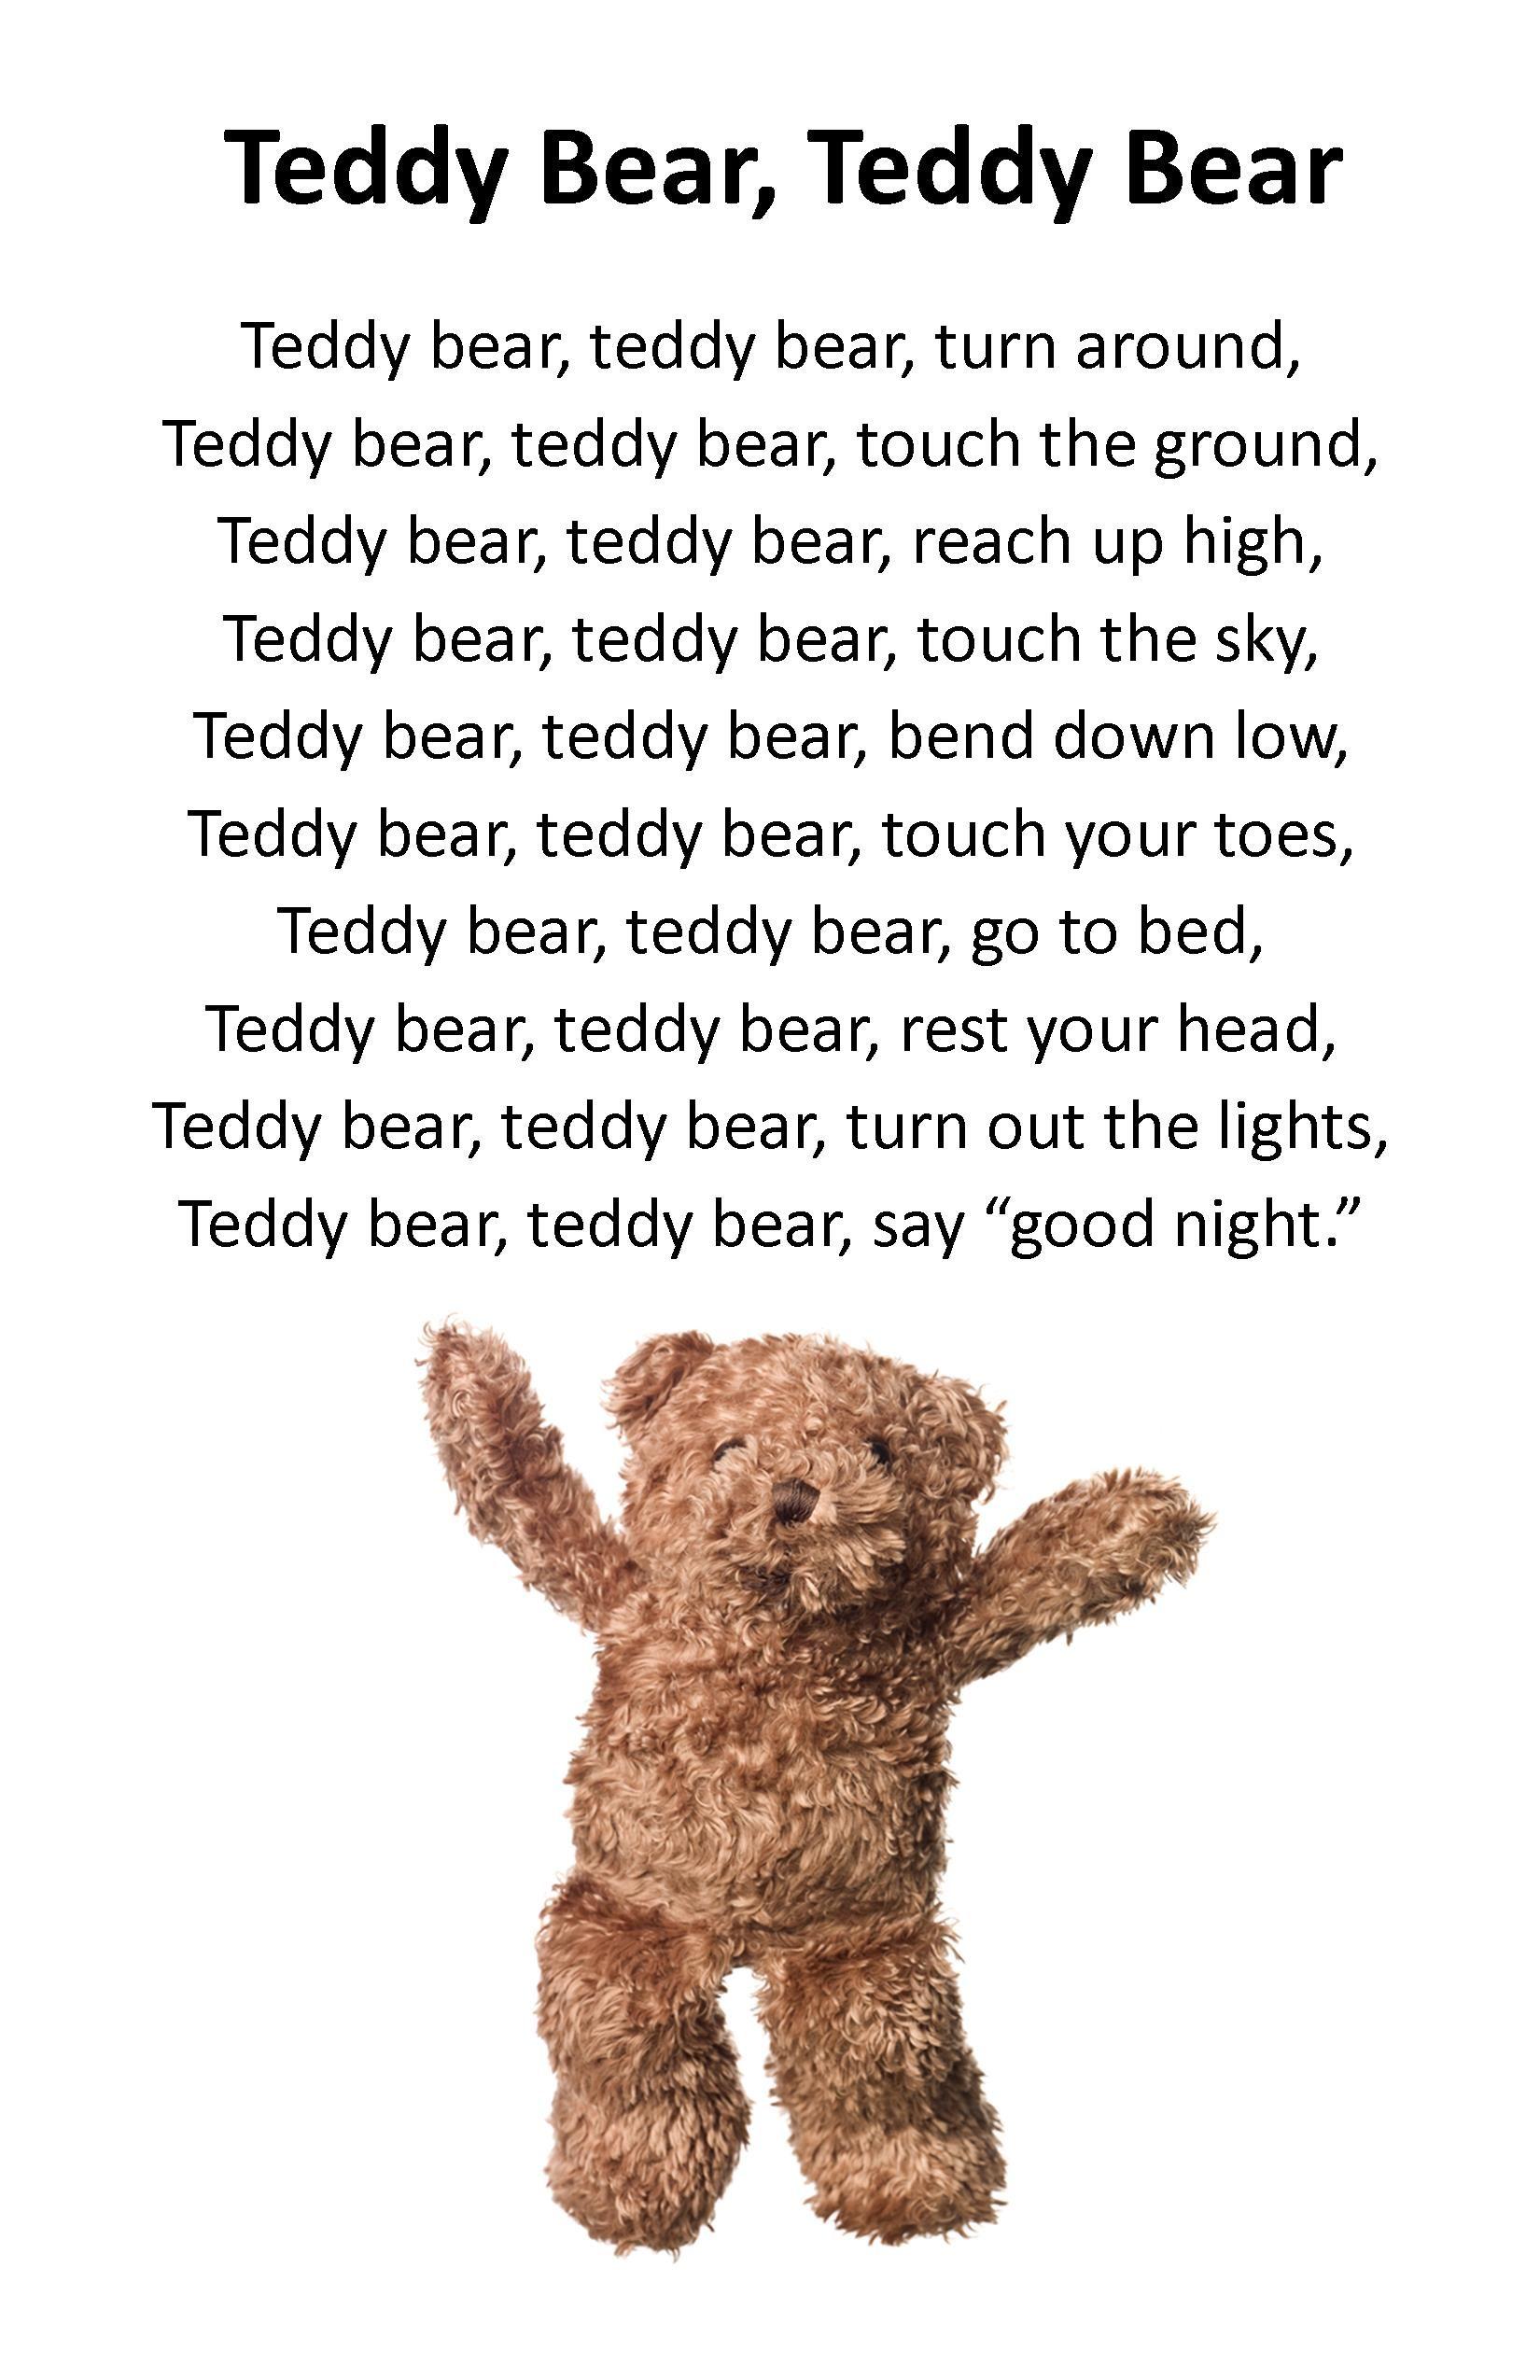 Itty Bitty Rhyme Teddy Bear Teddy Bear